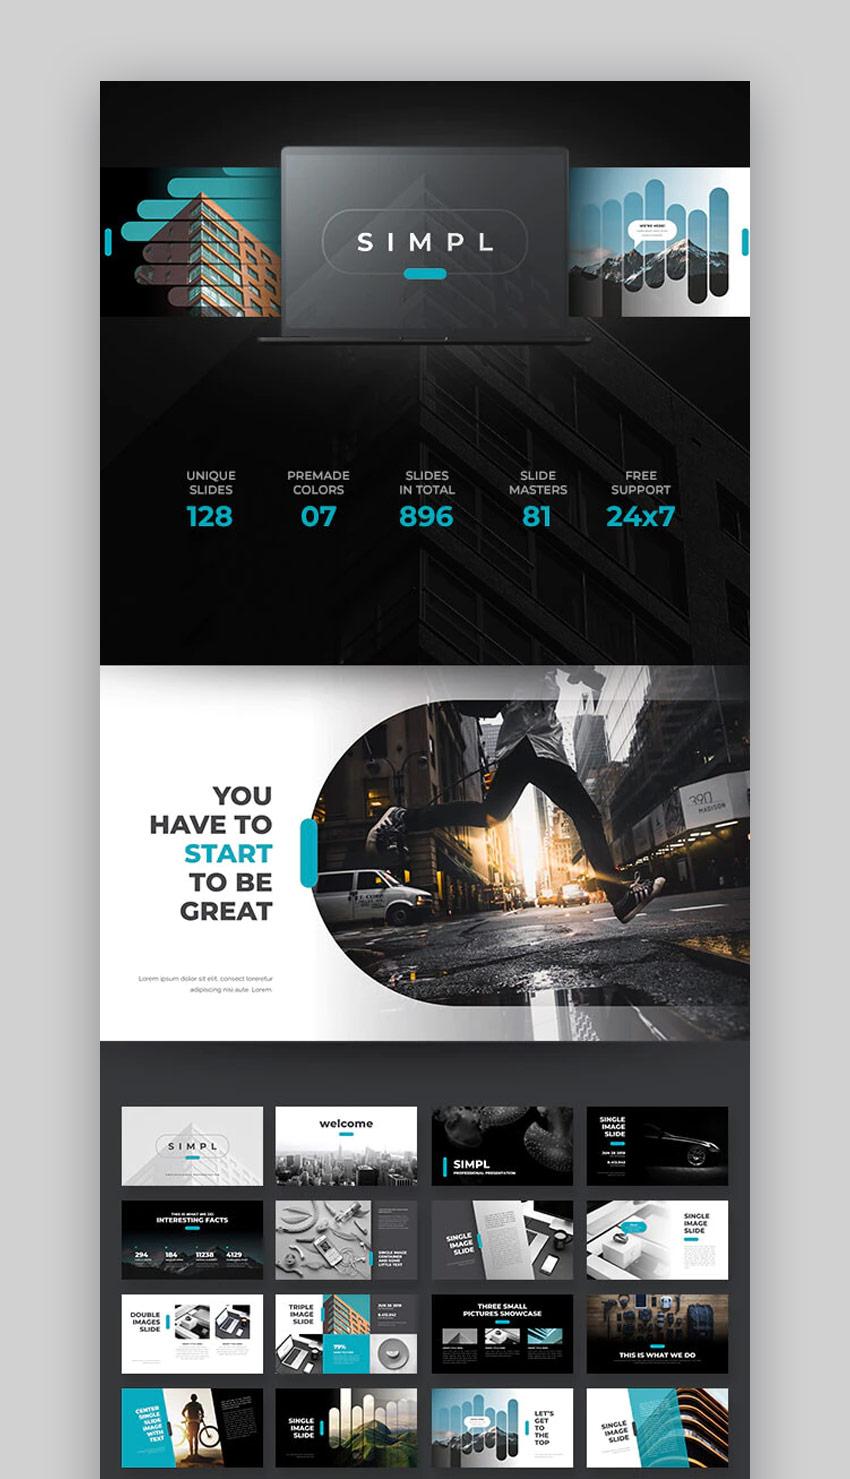 25 Kostenlose Einfache Powerpoint Ppt Vorlagendesigns Zum Herunterladen Fur 2019